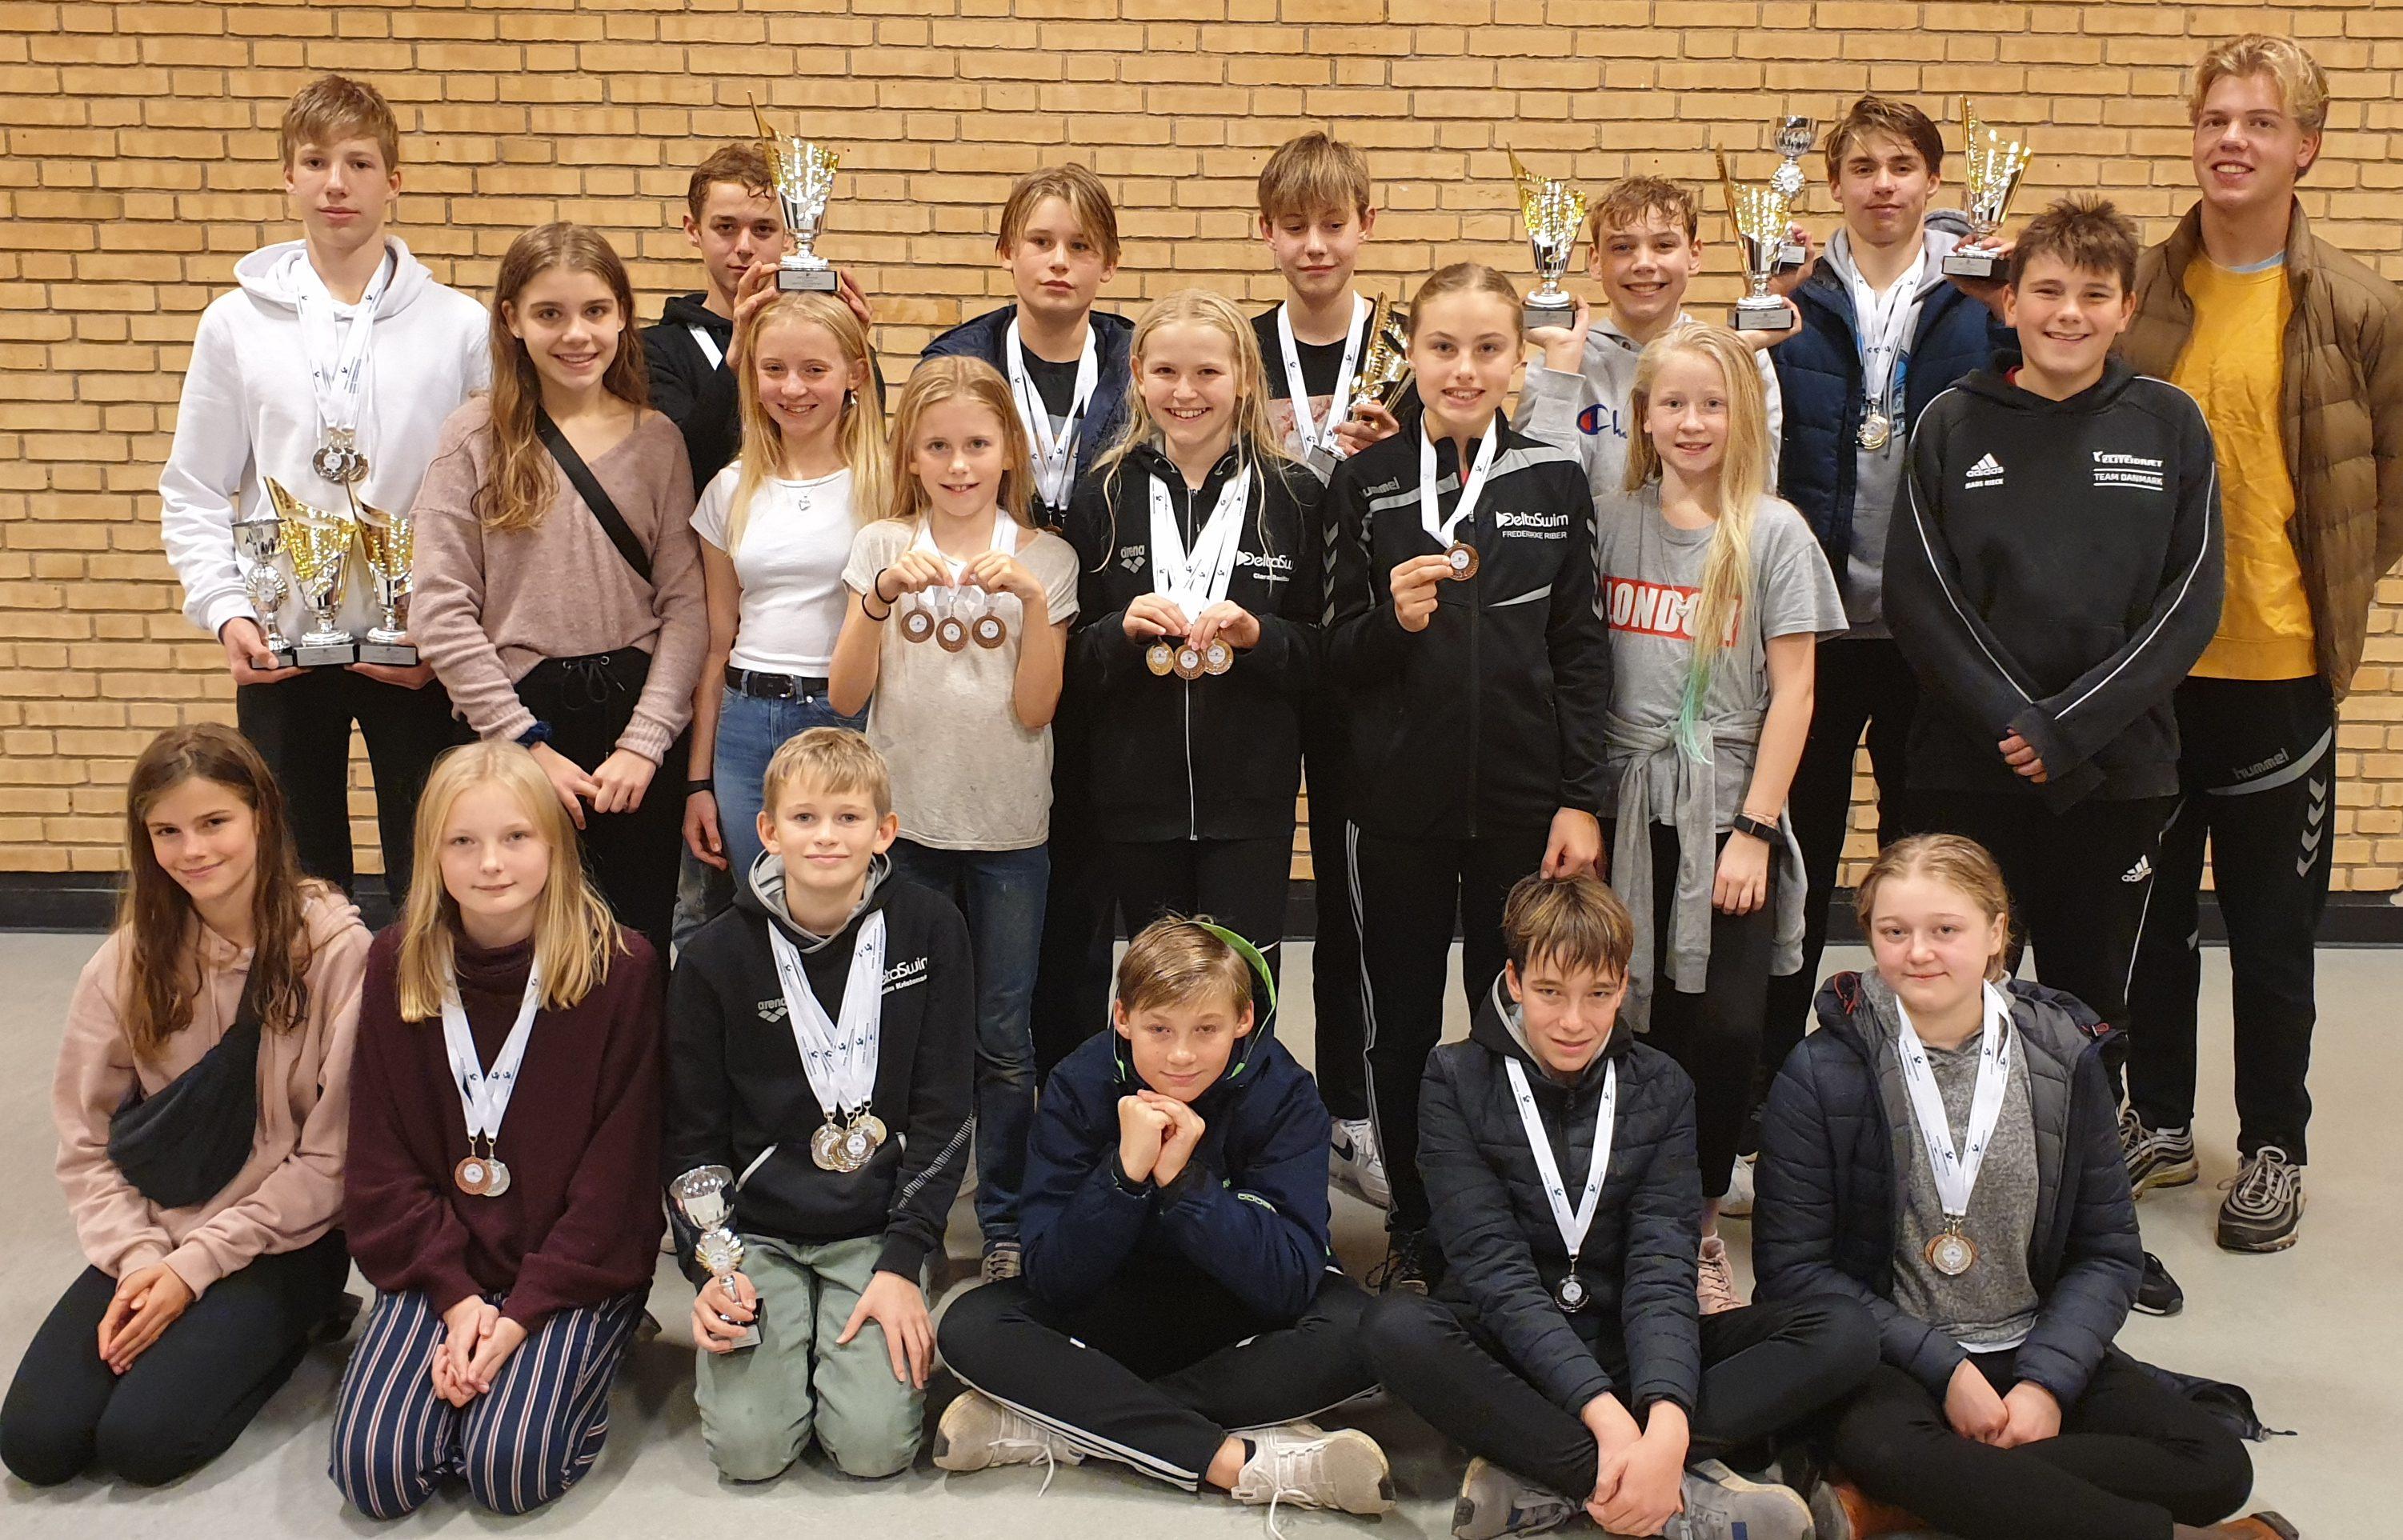 Region Syddanmarks Regionsmesterskaber for årgangssvømmere – DeltaSwim satte personlige rekorder